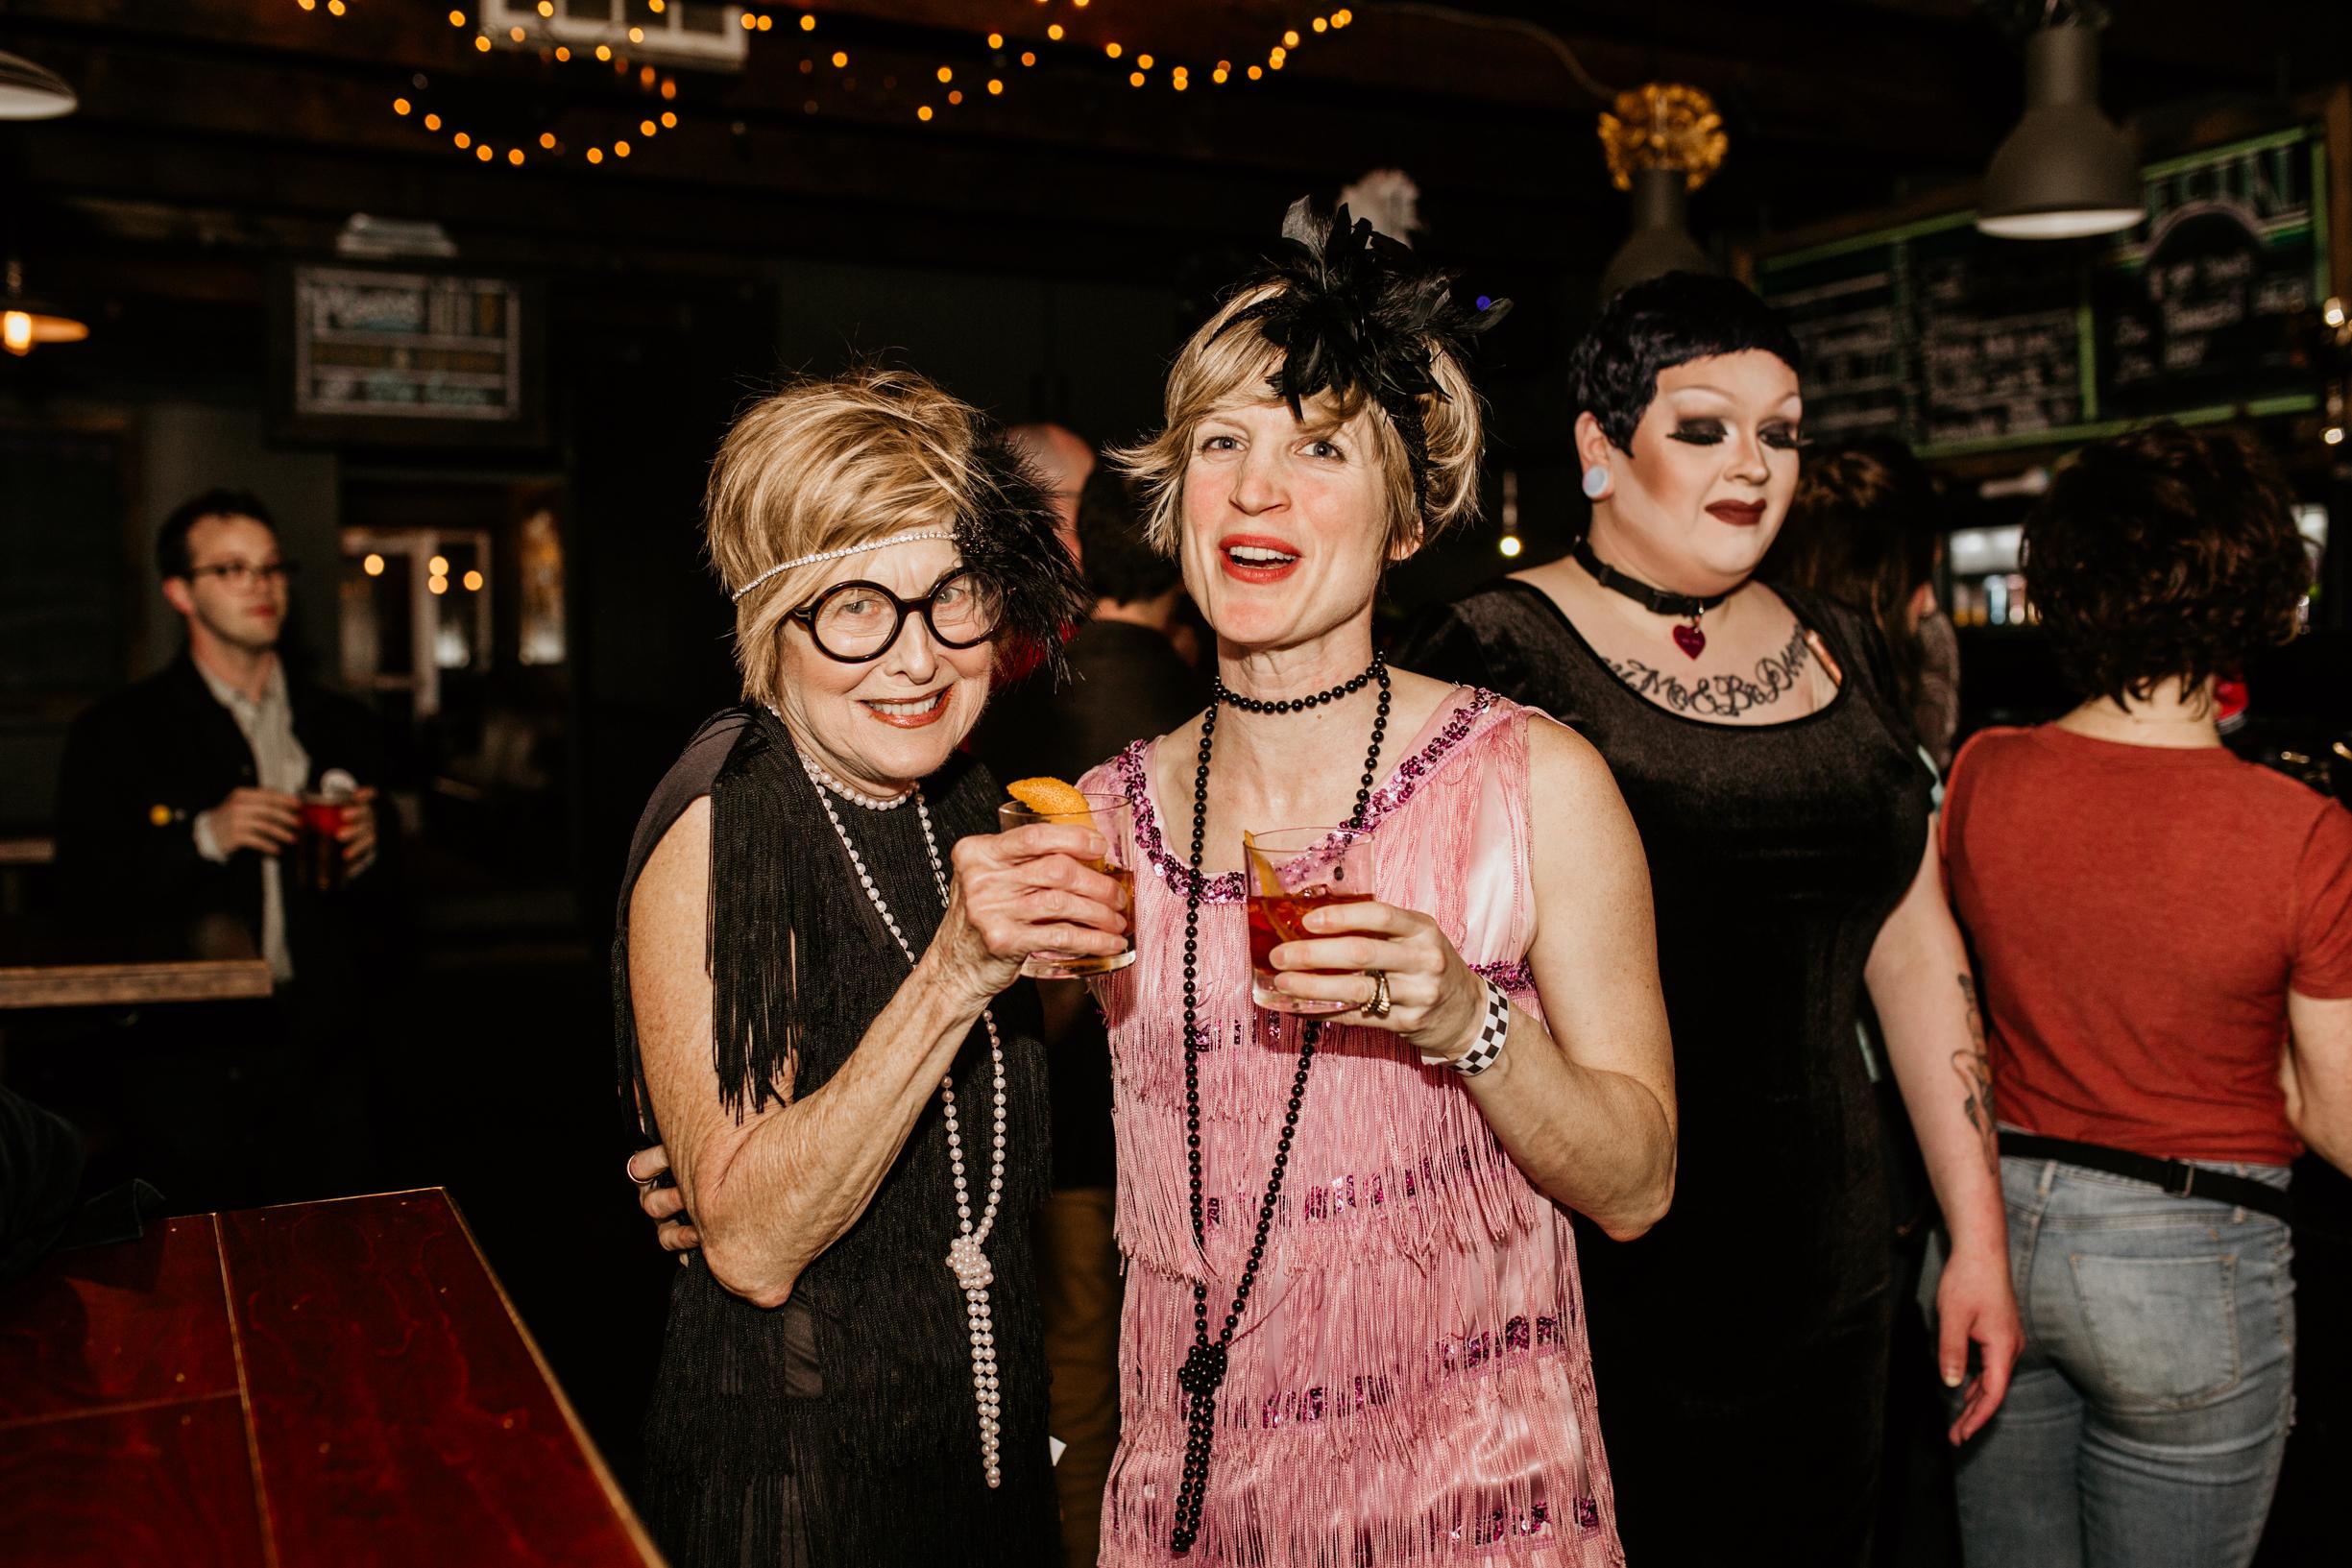 FEVA Winona Ryd or Die 4-14-18 Butchertown Social Crystal Ludwick Photo LOW RES (45 of 163).jpg